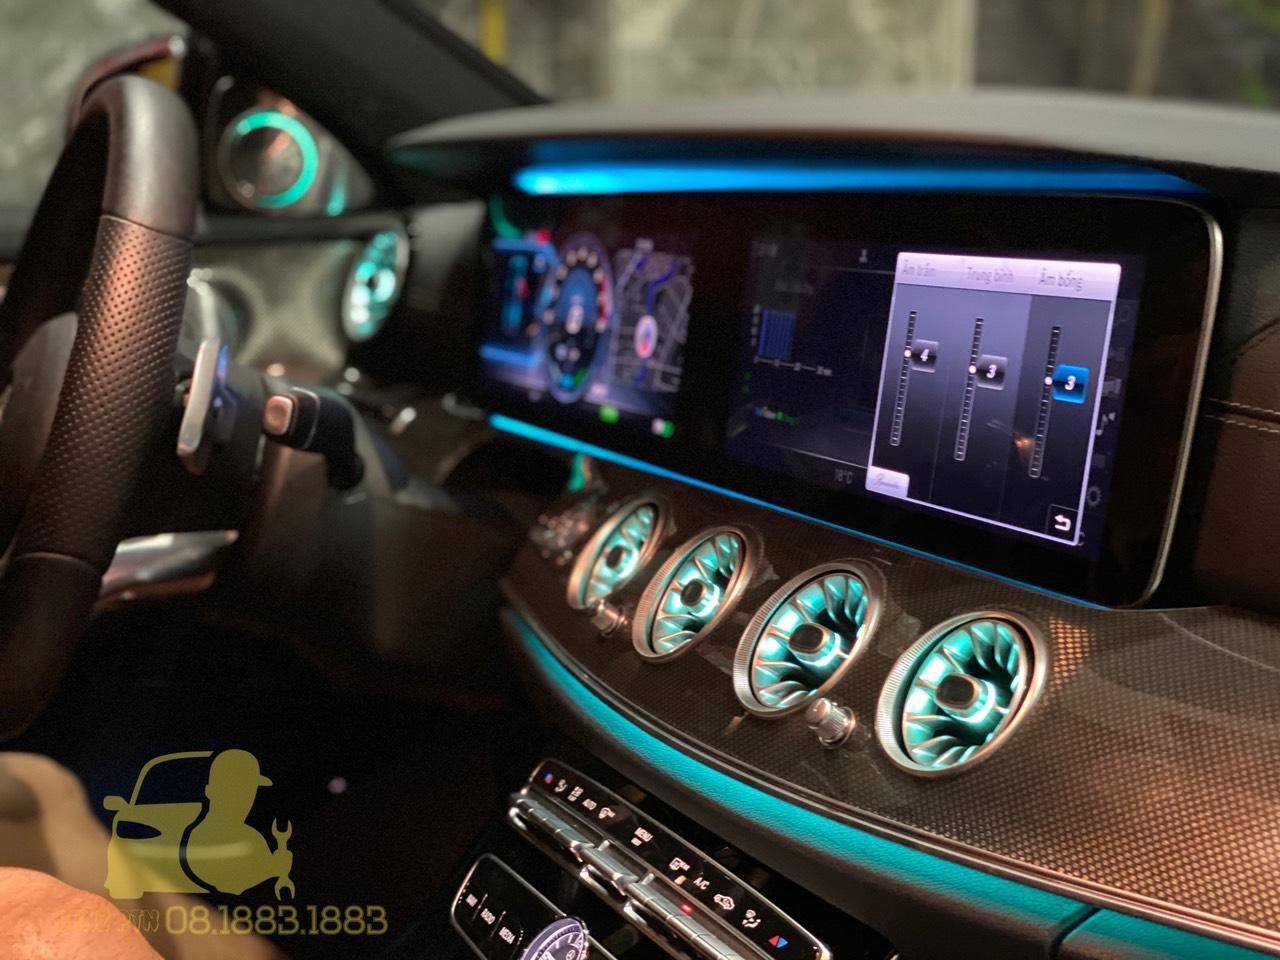 Phụ Kiện Xe Sang Mercedes Benz là nơi lắp đặt loa xoay góc chữ A uy tín